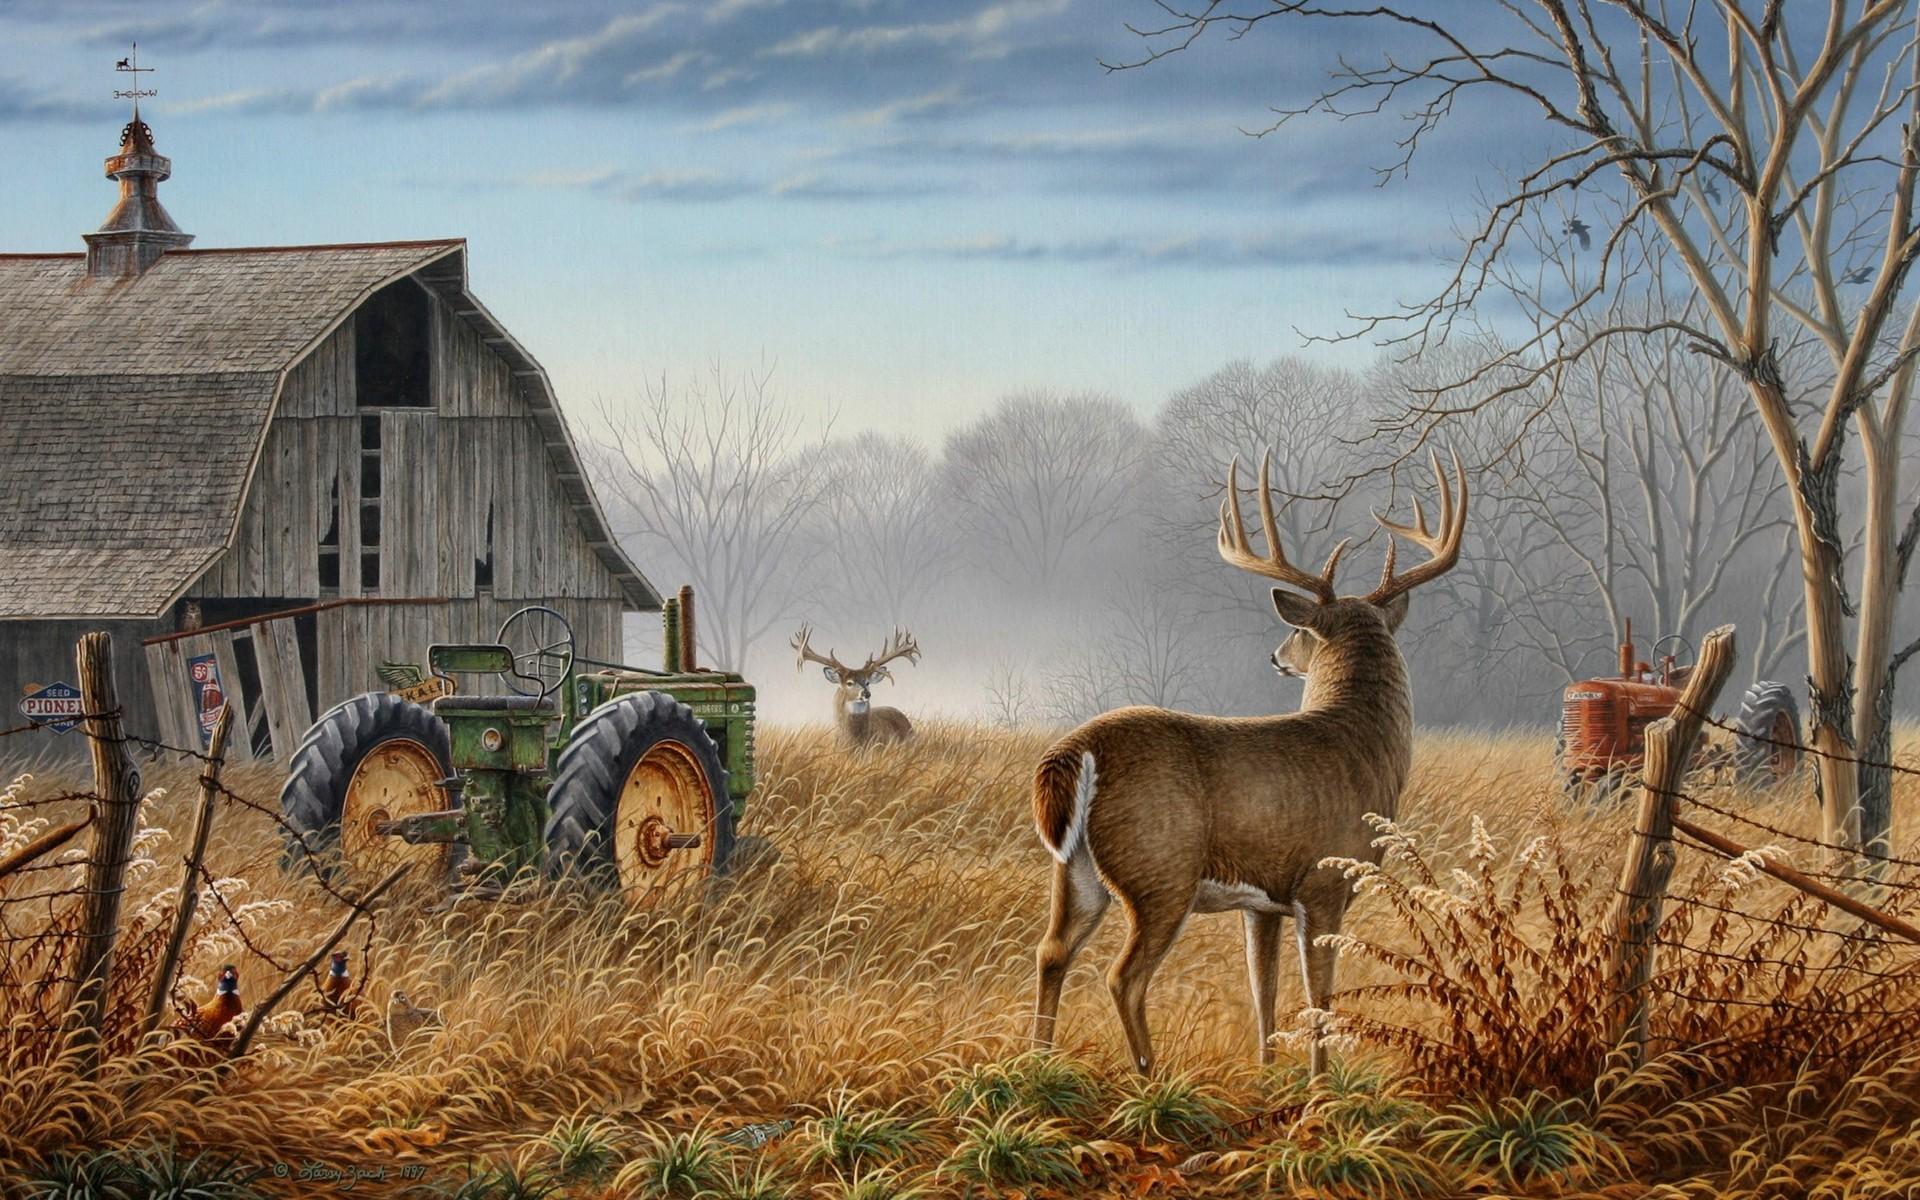 Animals Tractors Wallpaper 1920x1200 Animals Tractors Artwork 1920x1200